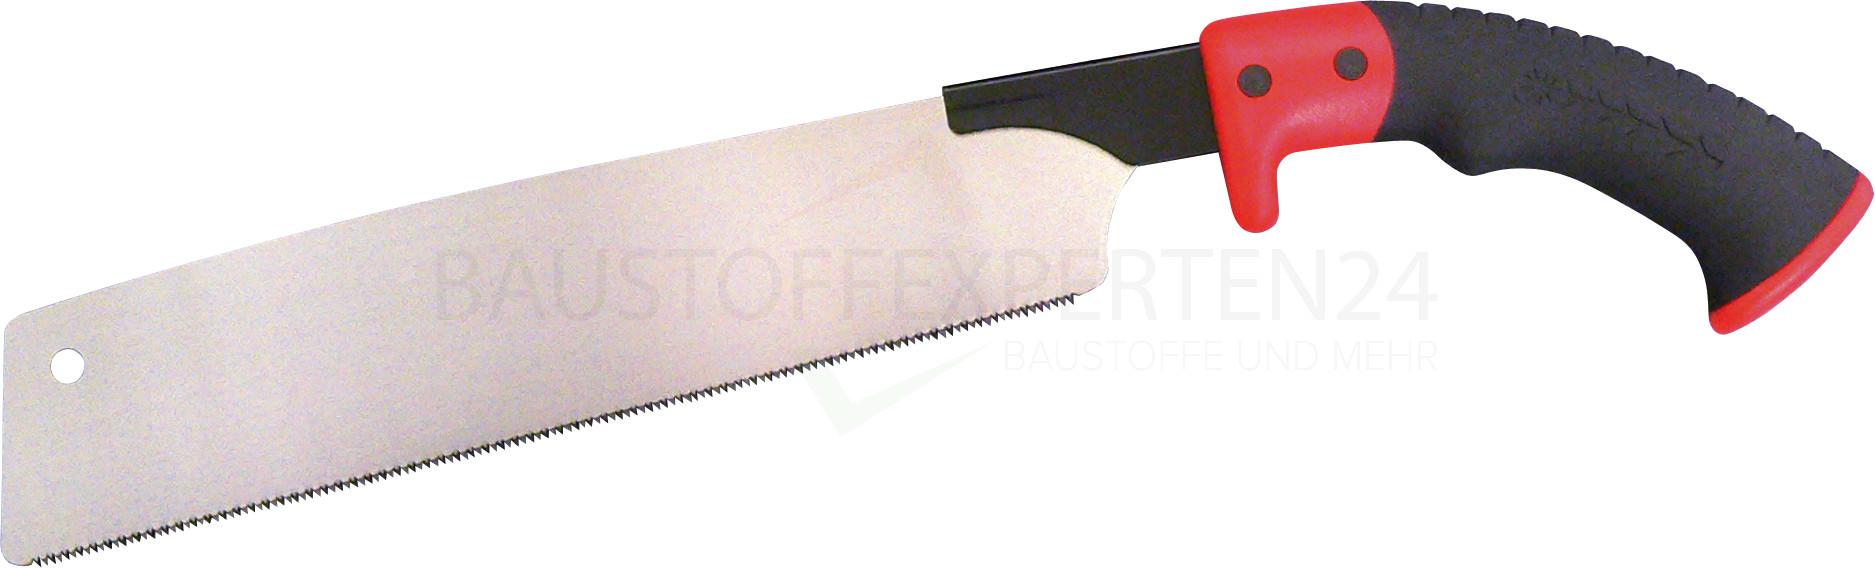 Japansäge 265mm, 3-fach geschliffen & gehärtet, gebogen, Bild 1